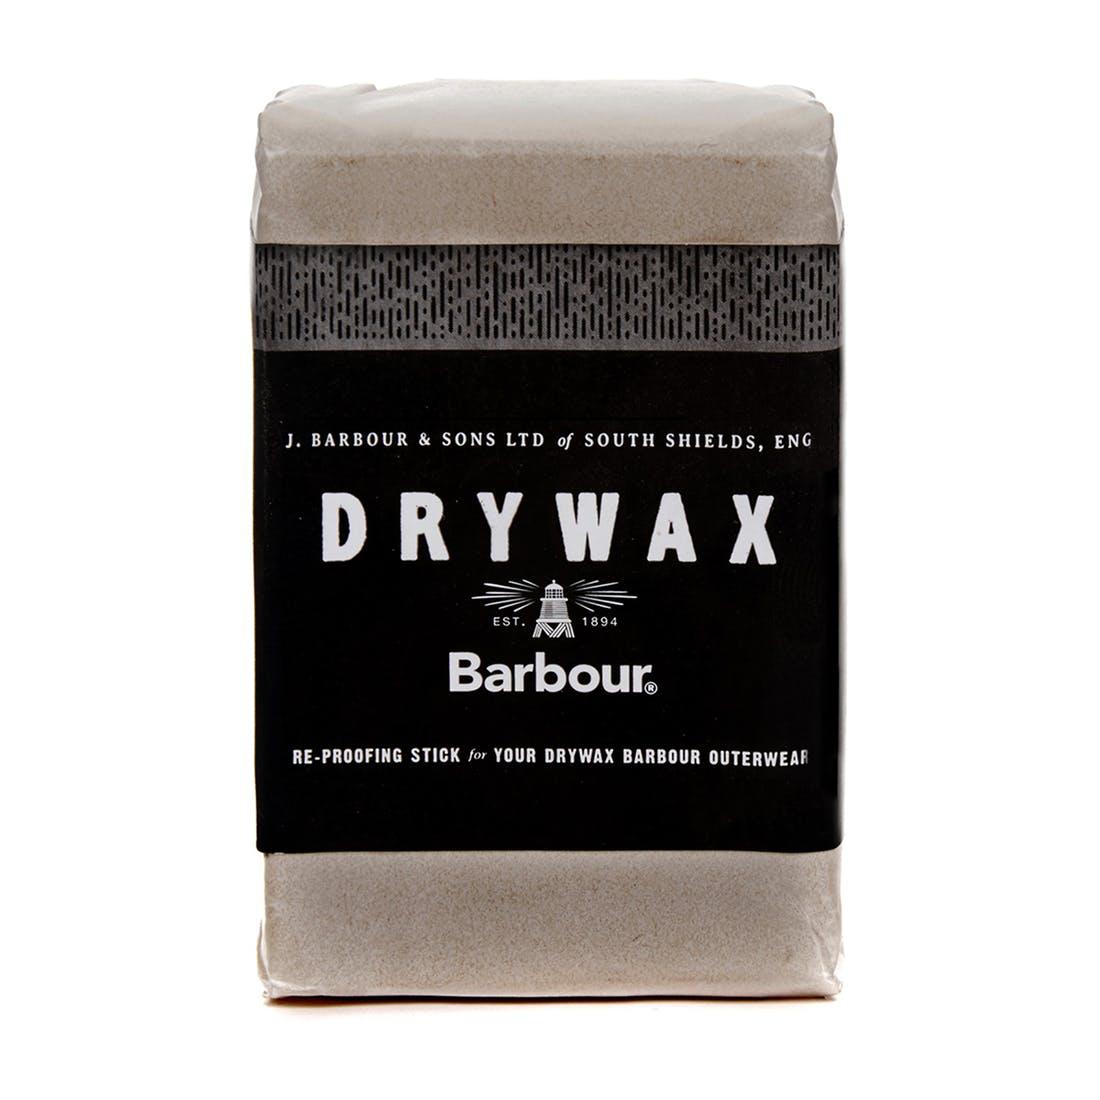 跩狗嚴選 特價代購 Barbour Dry Wax 乾蠟保養蠟塊 上蠟油布外套 蠟油 防風防水 60g。人氣店家DryDog 跩狗嚴選的英國折扣代購專區有最棒的商品。快到日本NO.1的Rakuten樂